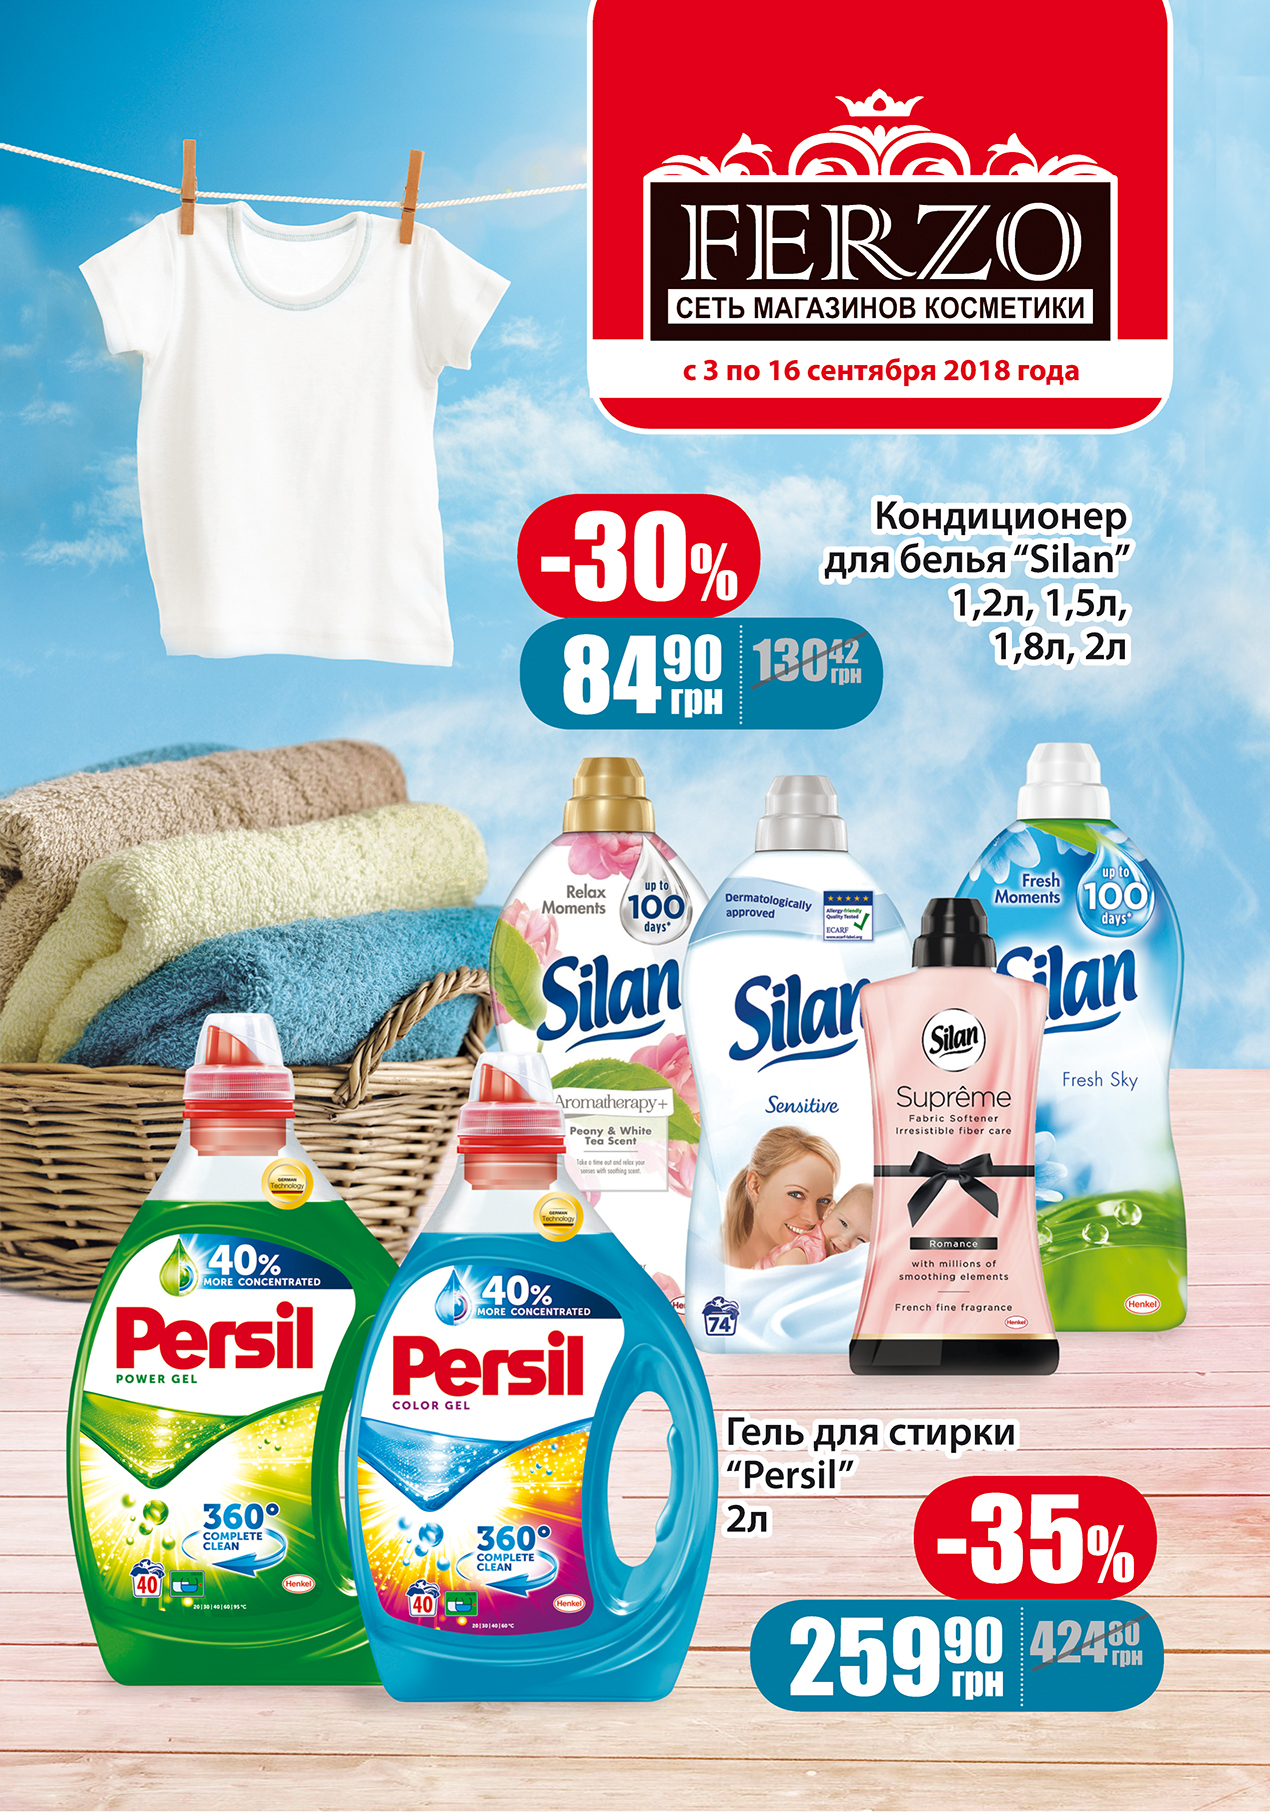 bytovaya_himiya_03-09-16-09_ferzo_print_page1